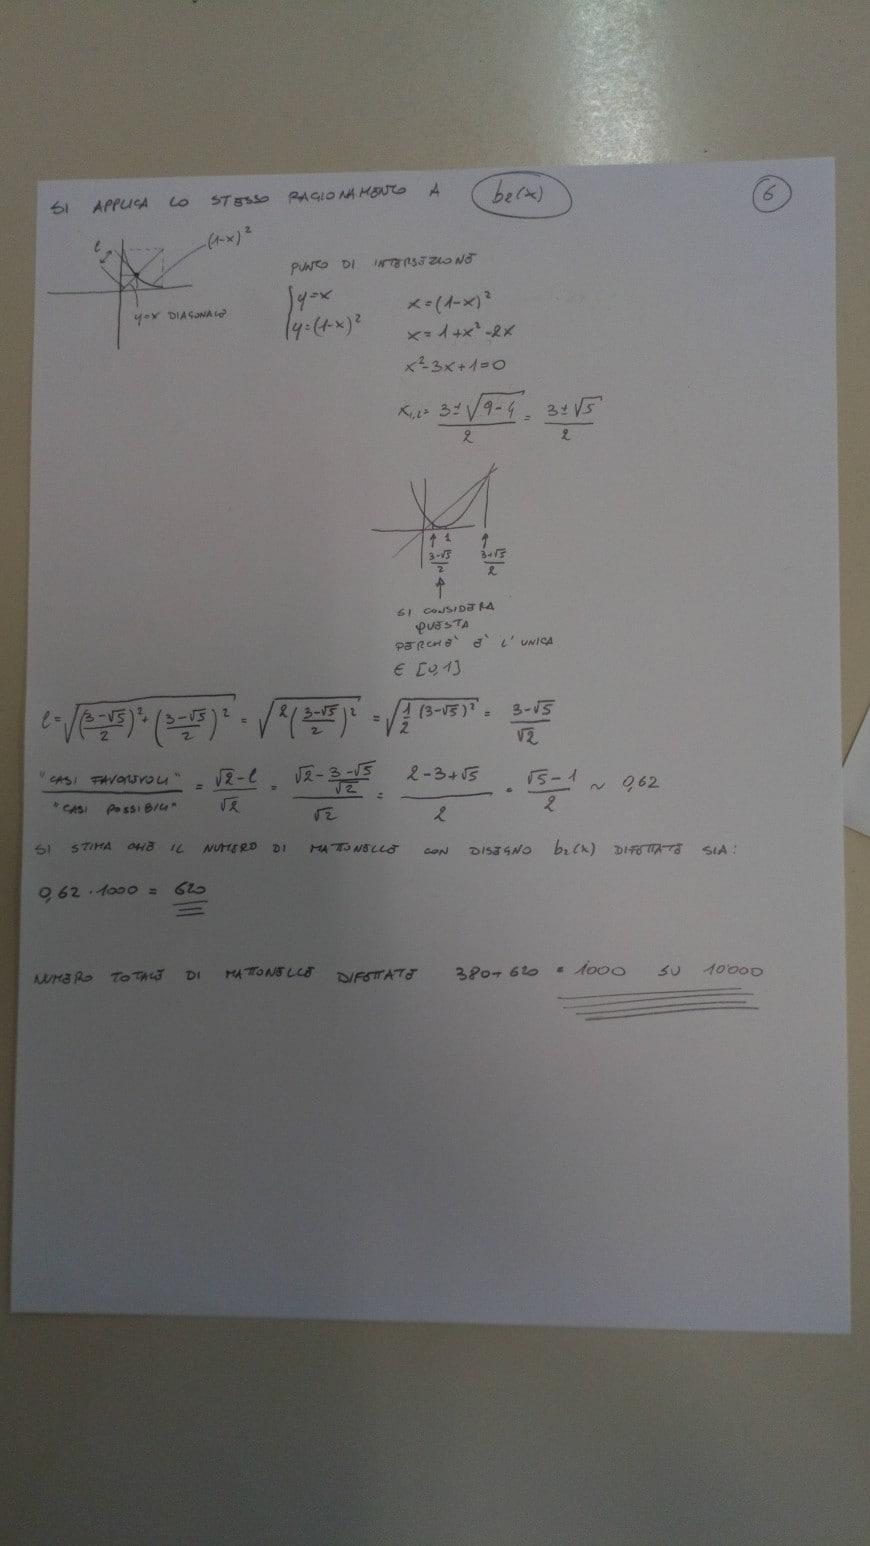 Soluzione problema 1-7 - seconda prova scientifico maturità 2018